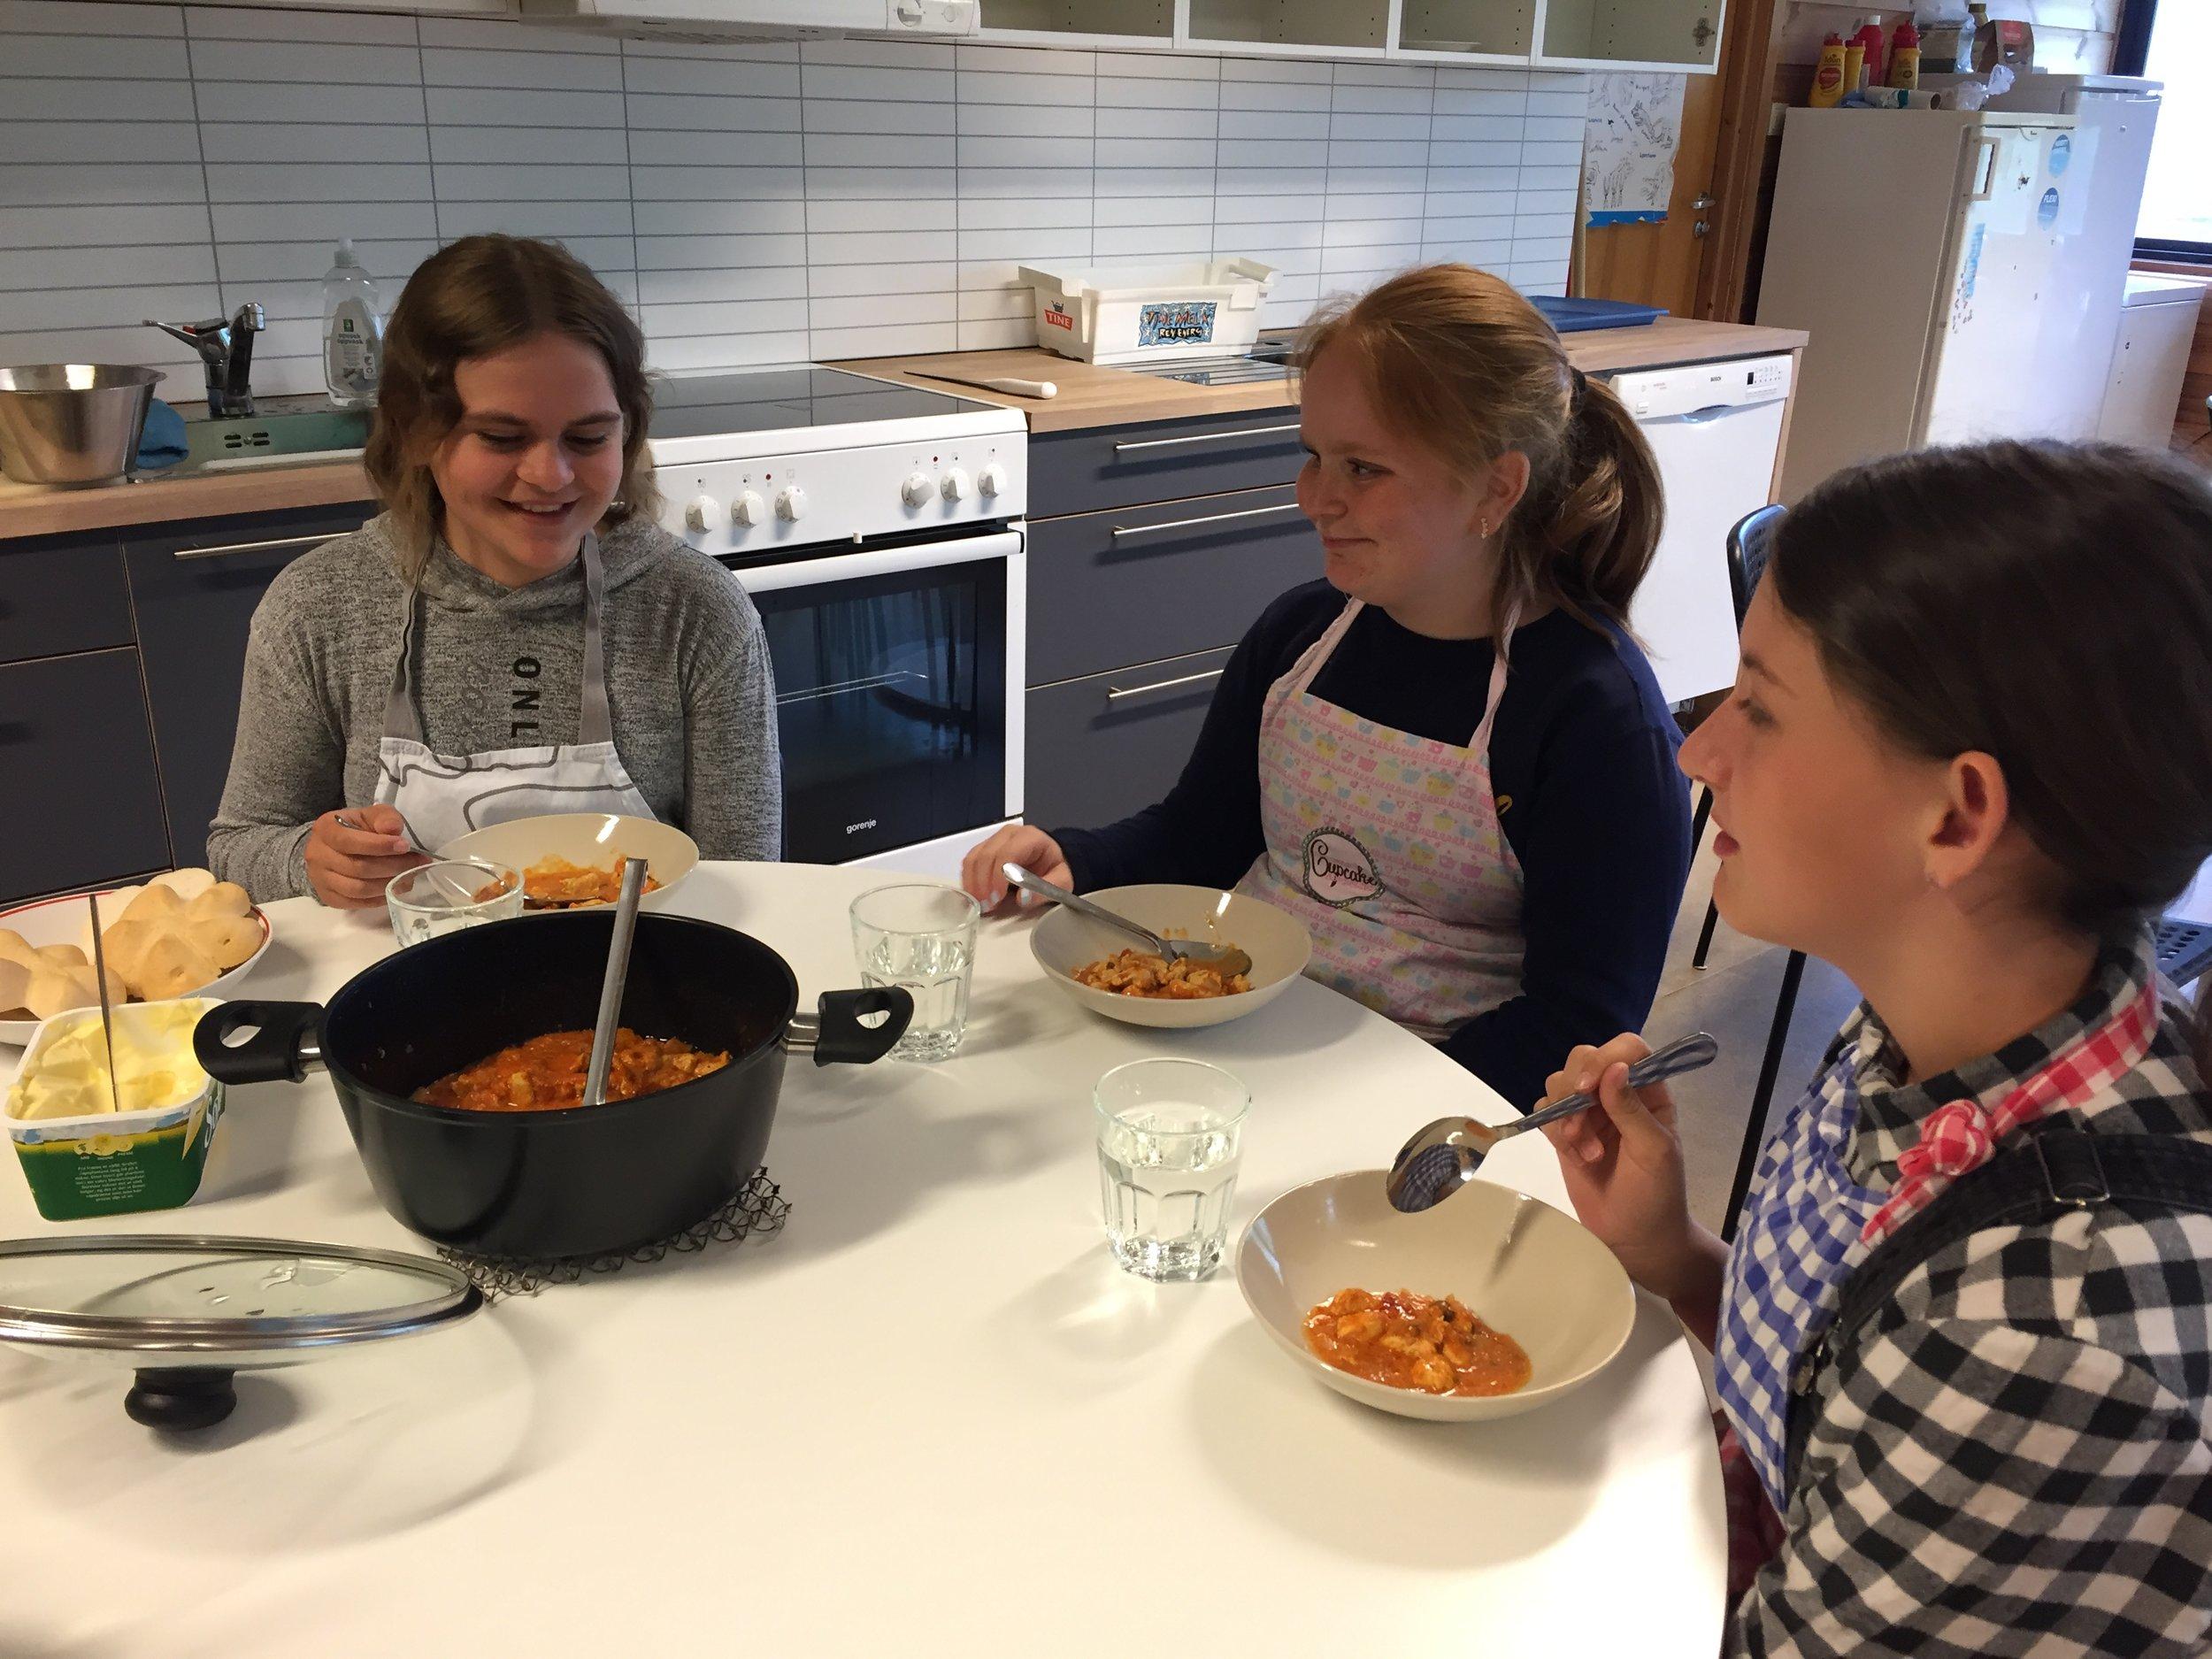 Mat&helse - På onsdag var det mat&helse. Det var flott å kunne ta i bruk det nye kjøkenet. Tusen takk til flinke foreldre og besteforeldre som har lagd ned mykje tid og arbeid.